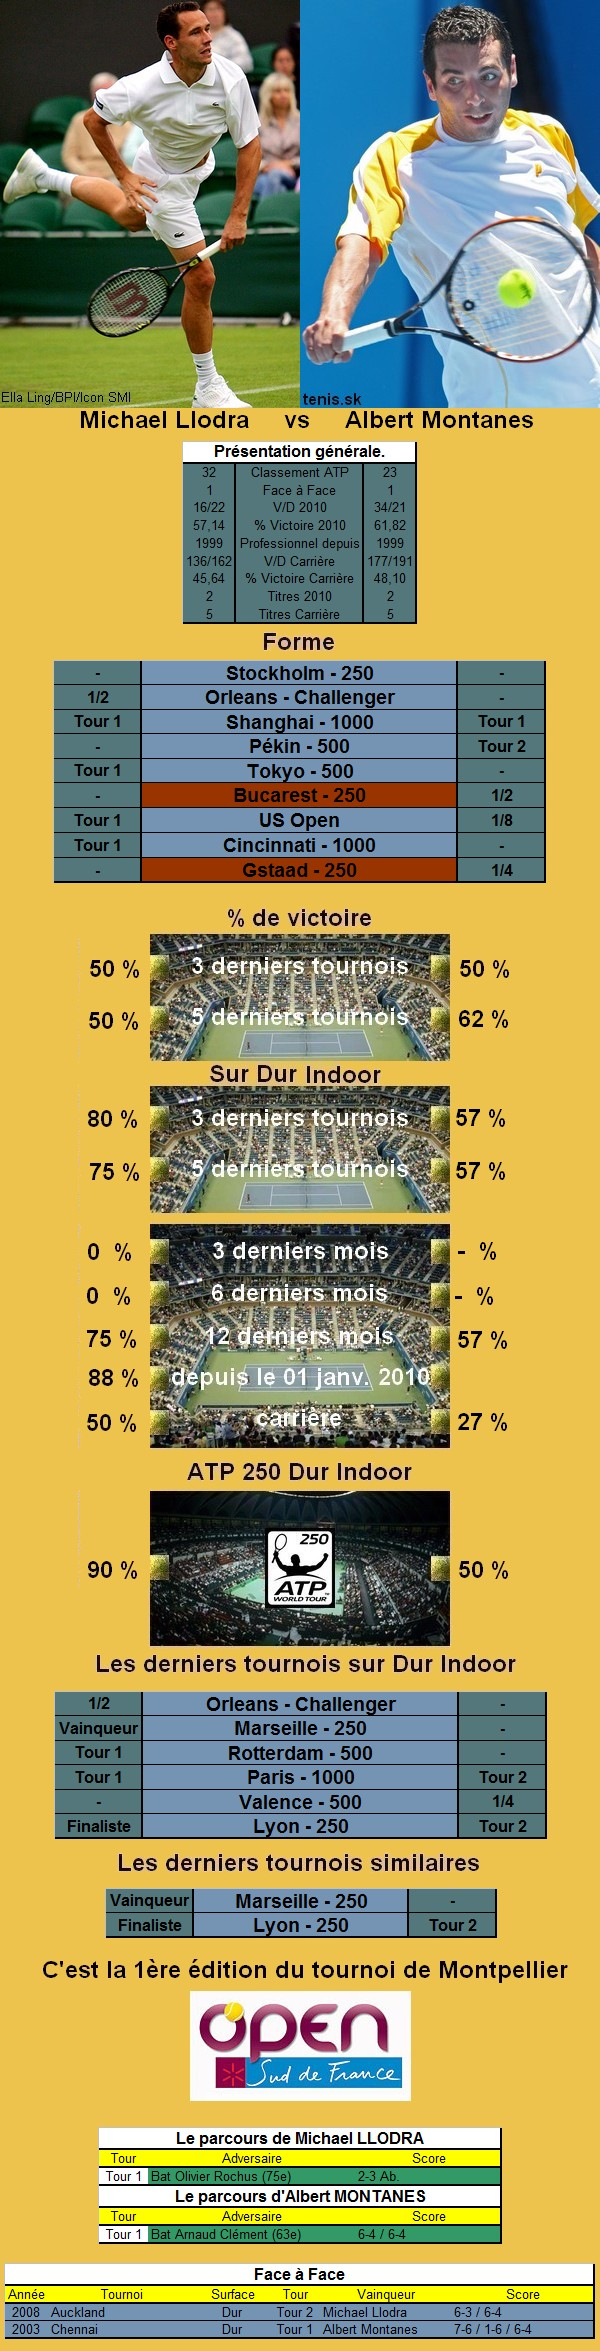 Statistiques tennis de Llodra contre Montanes à Montpellier